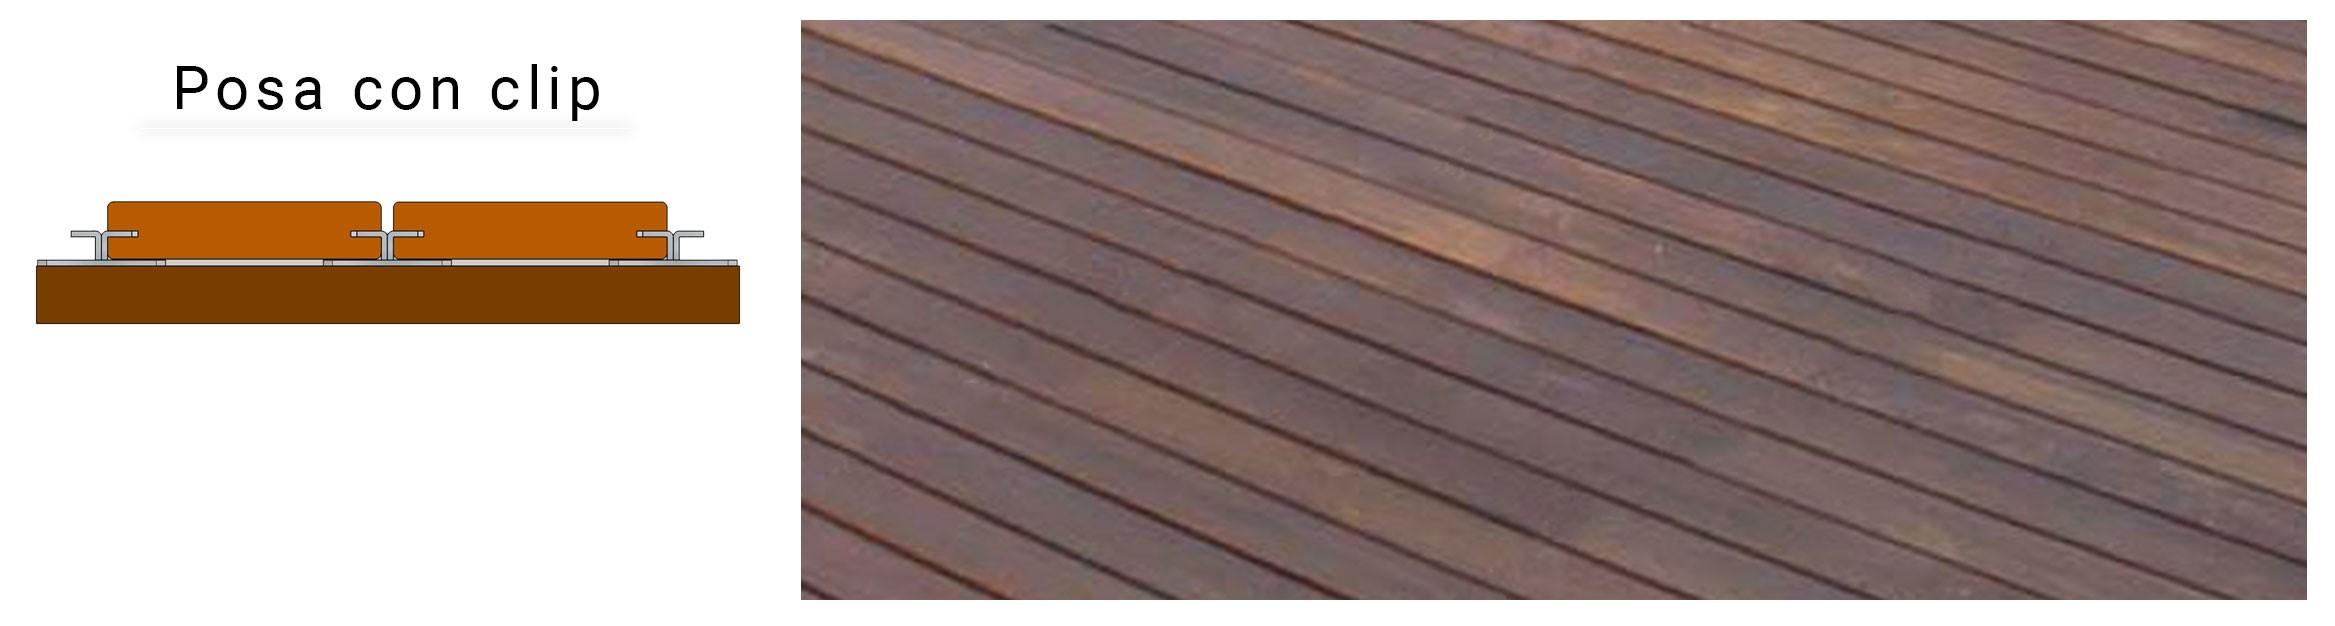 Sistemi di posa Pavimentazione in legno naturale IPE